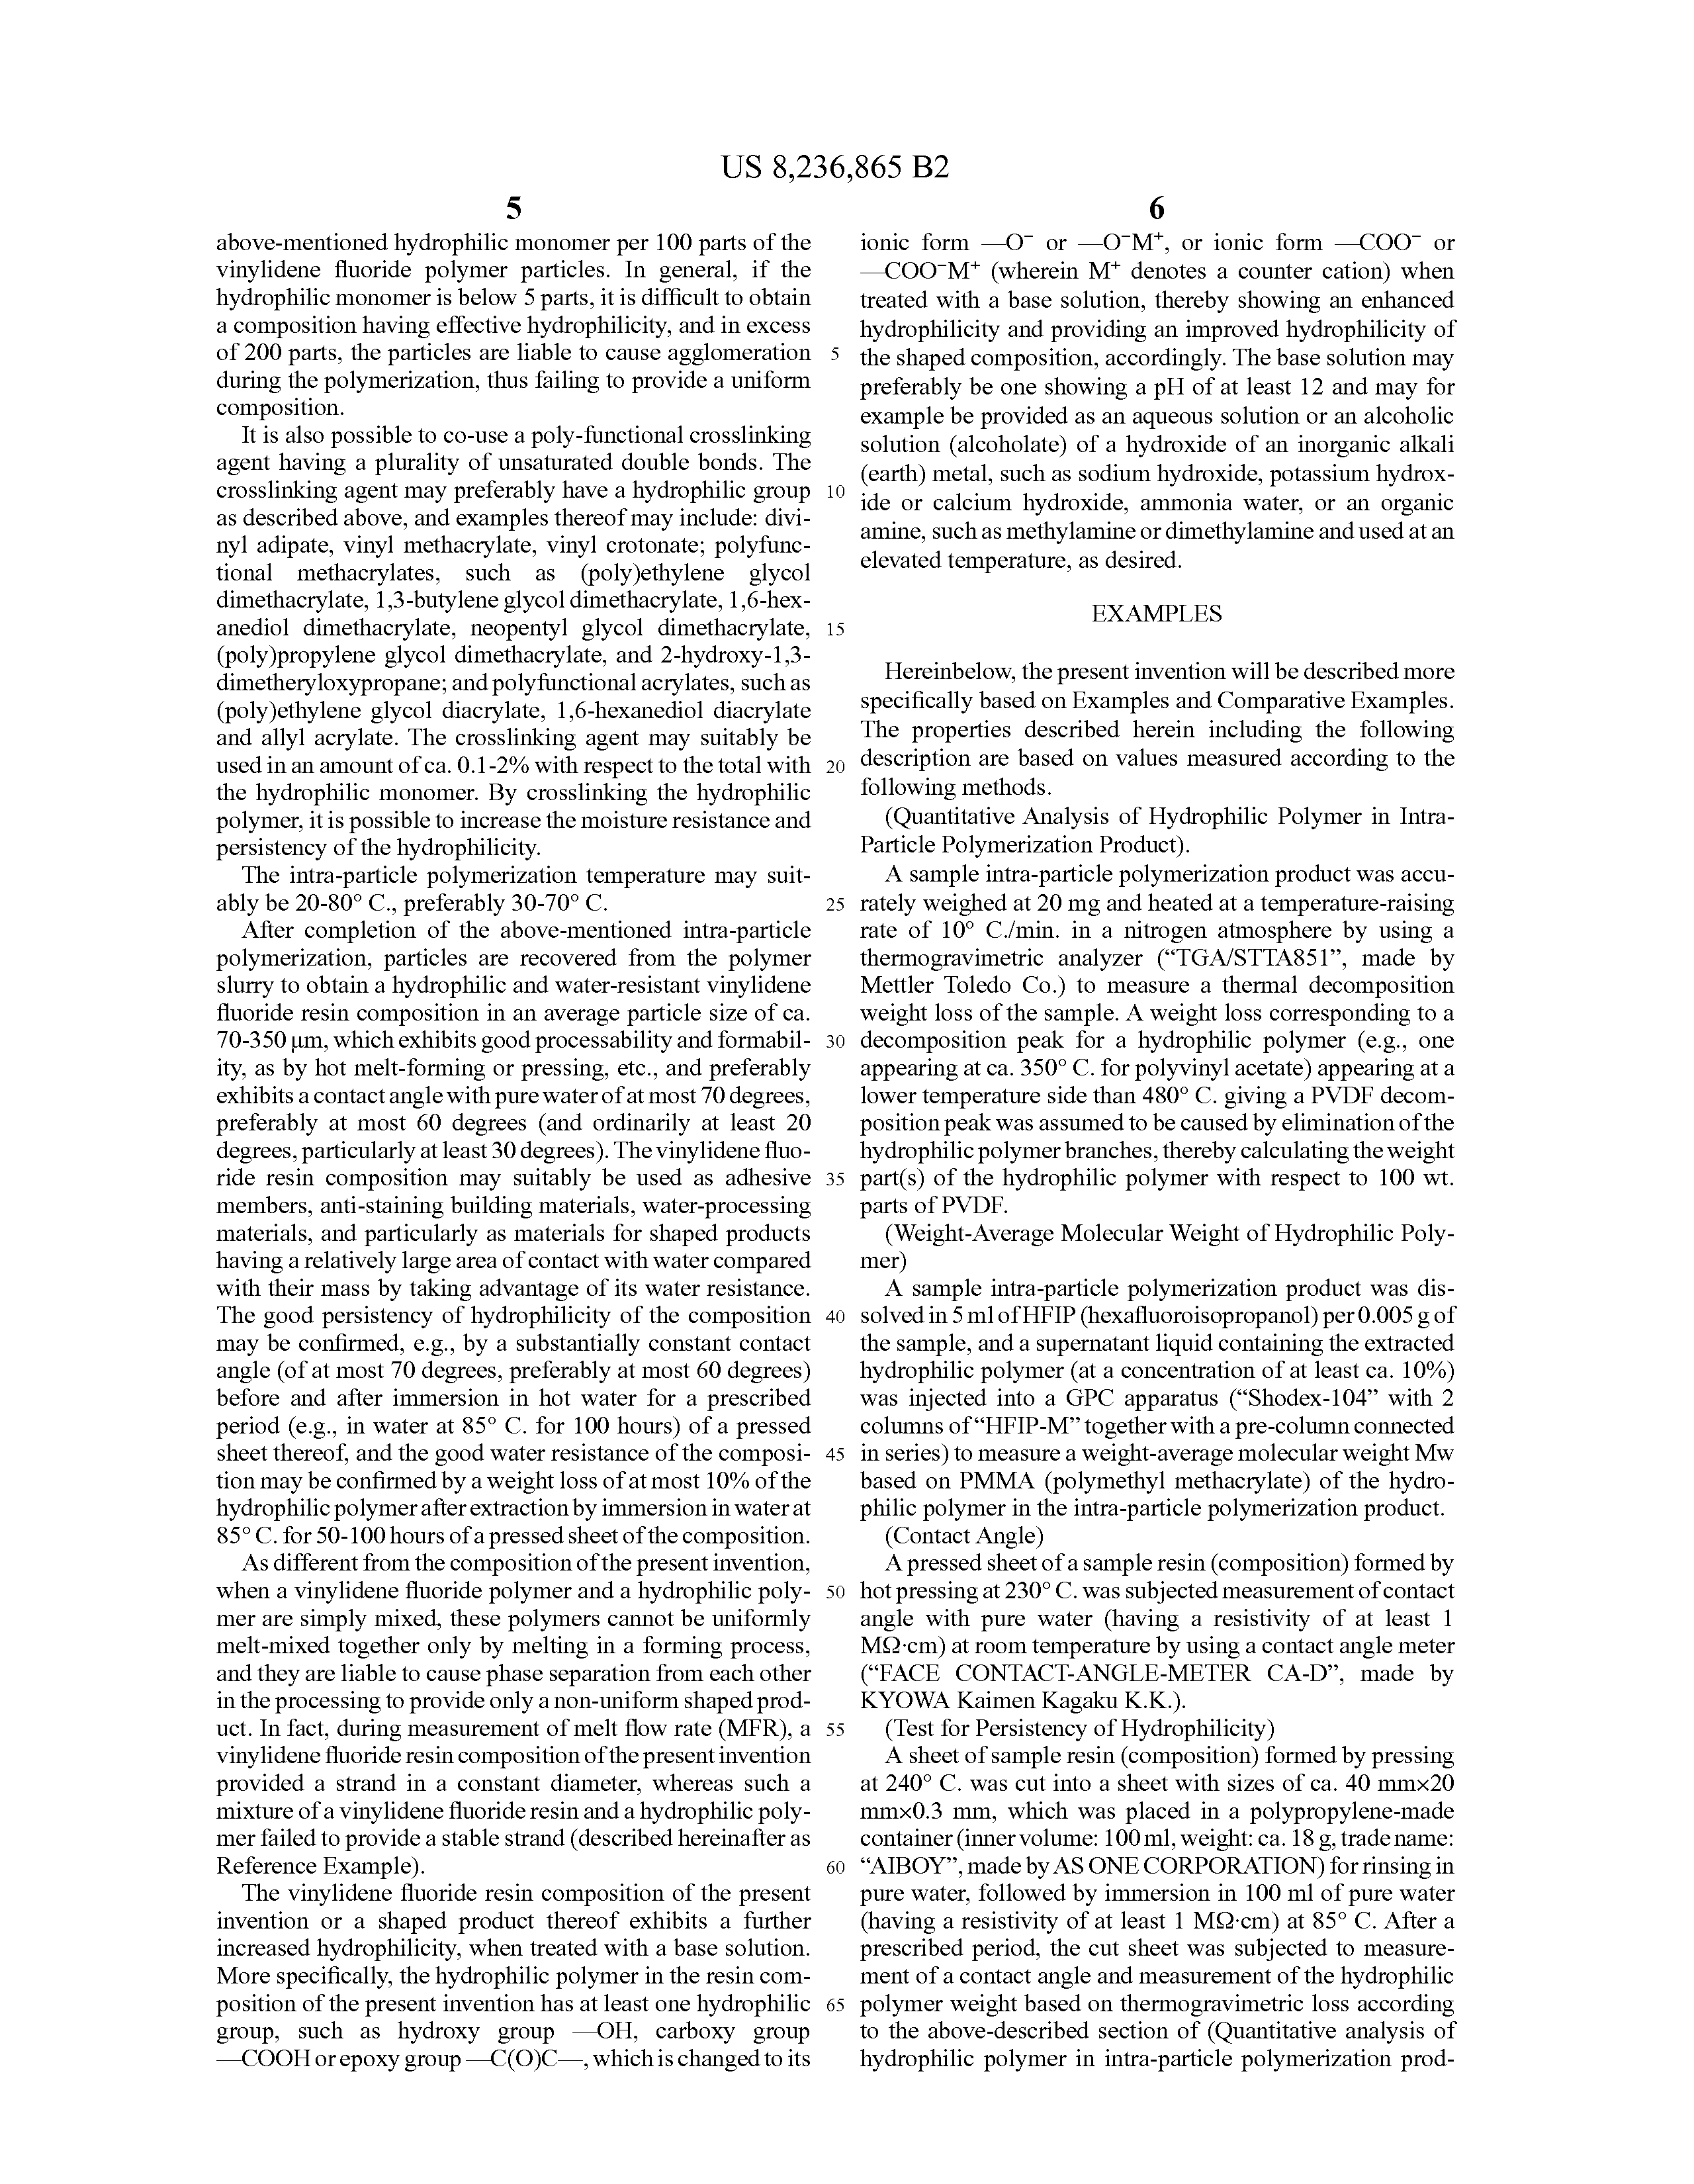 Kjennetegn ved et essay